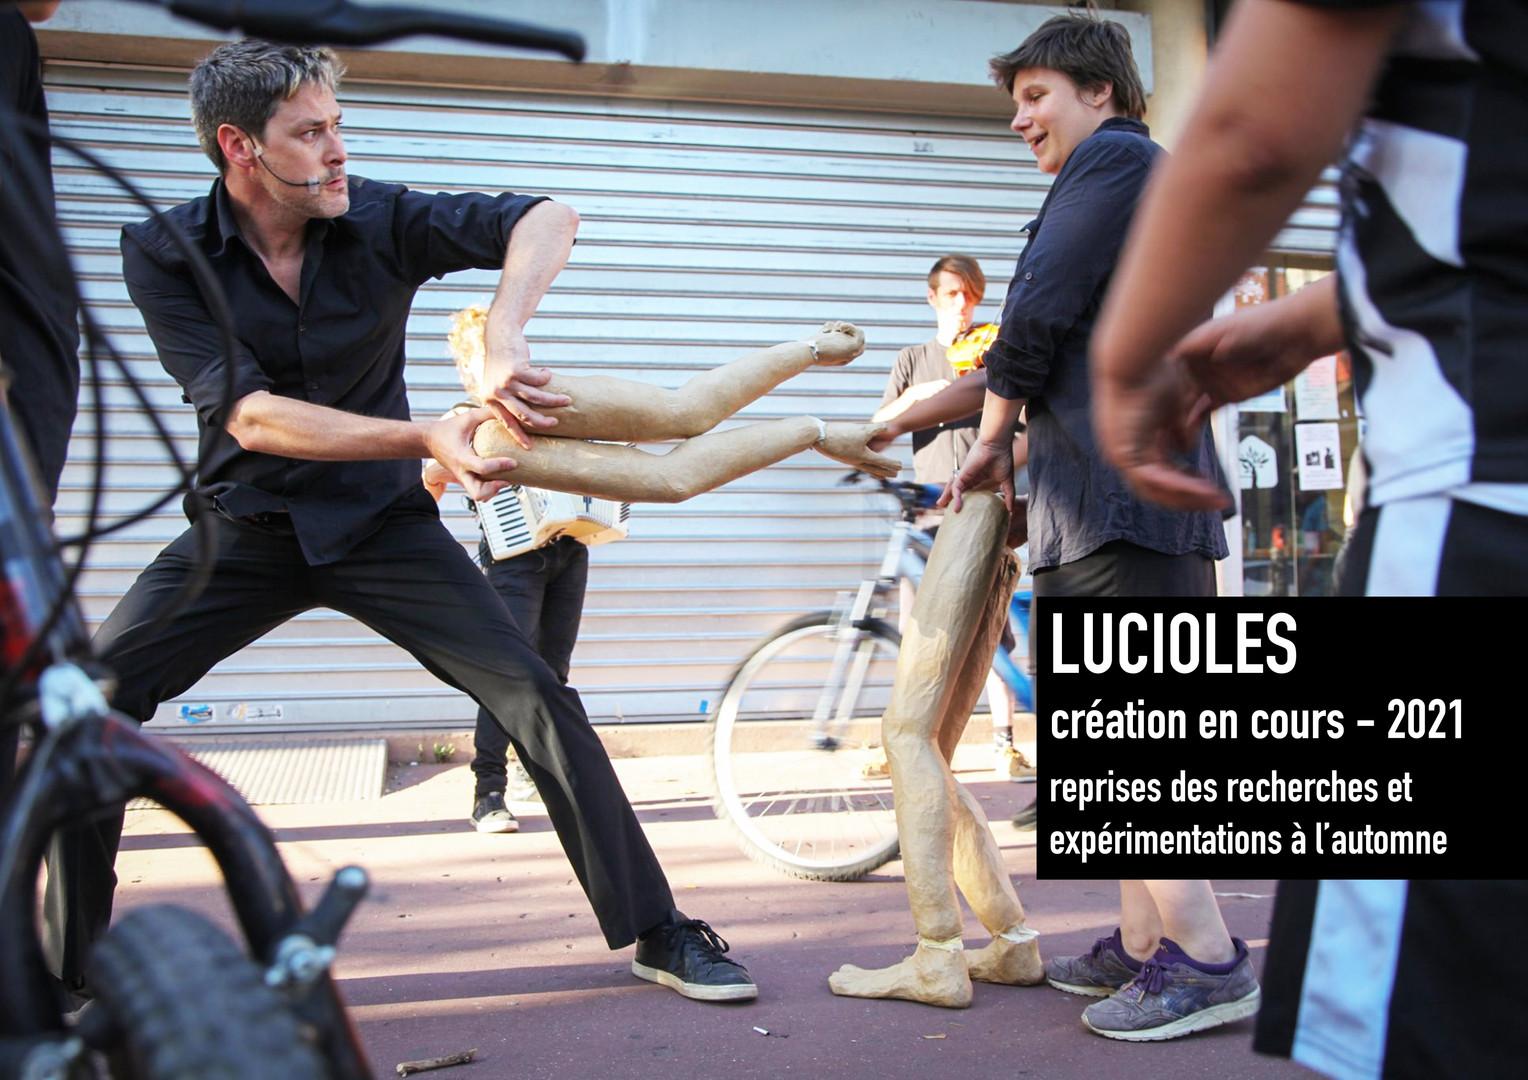 Lucioles UNE.jpg